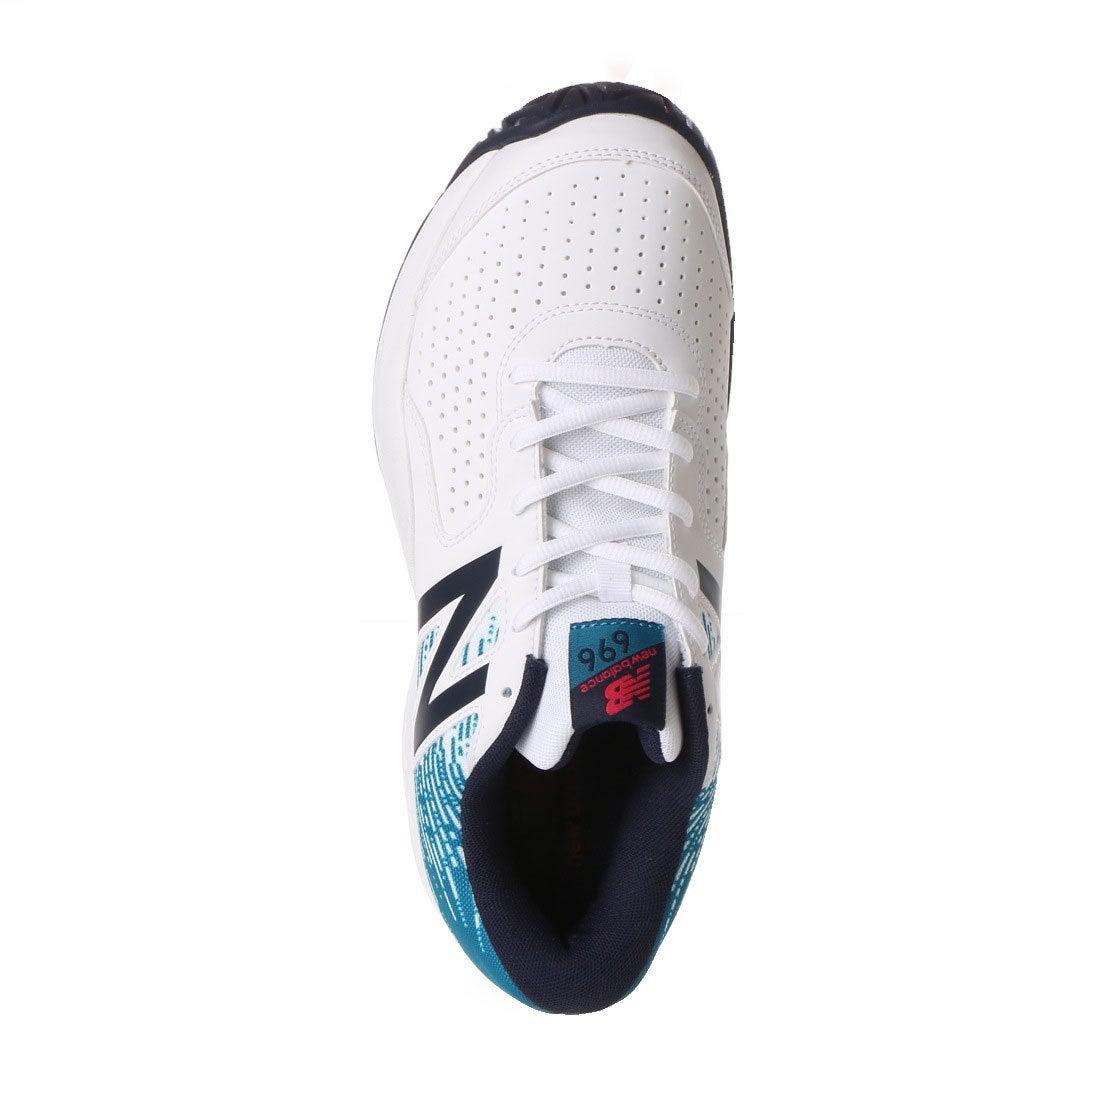 0b38ba8557150 このアイテムを見ている人におすすめ. ニューバランス new balance メンズ テニス オールコート用シューズ ...